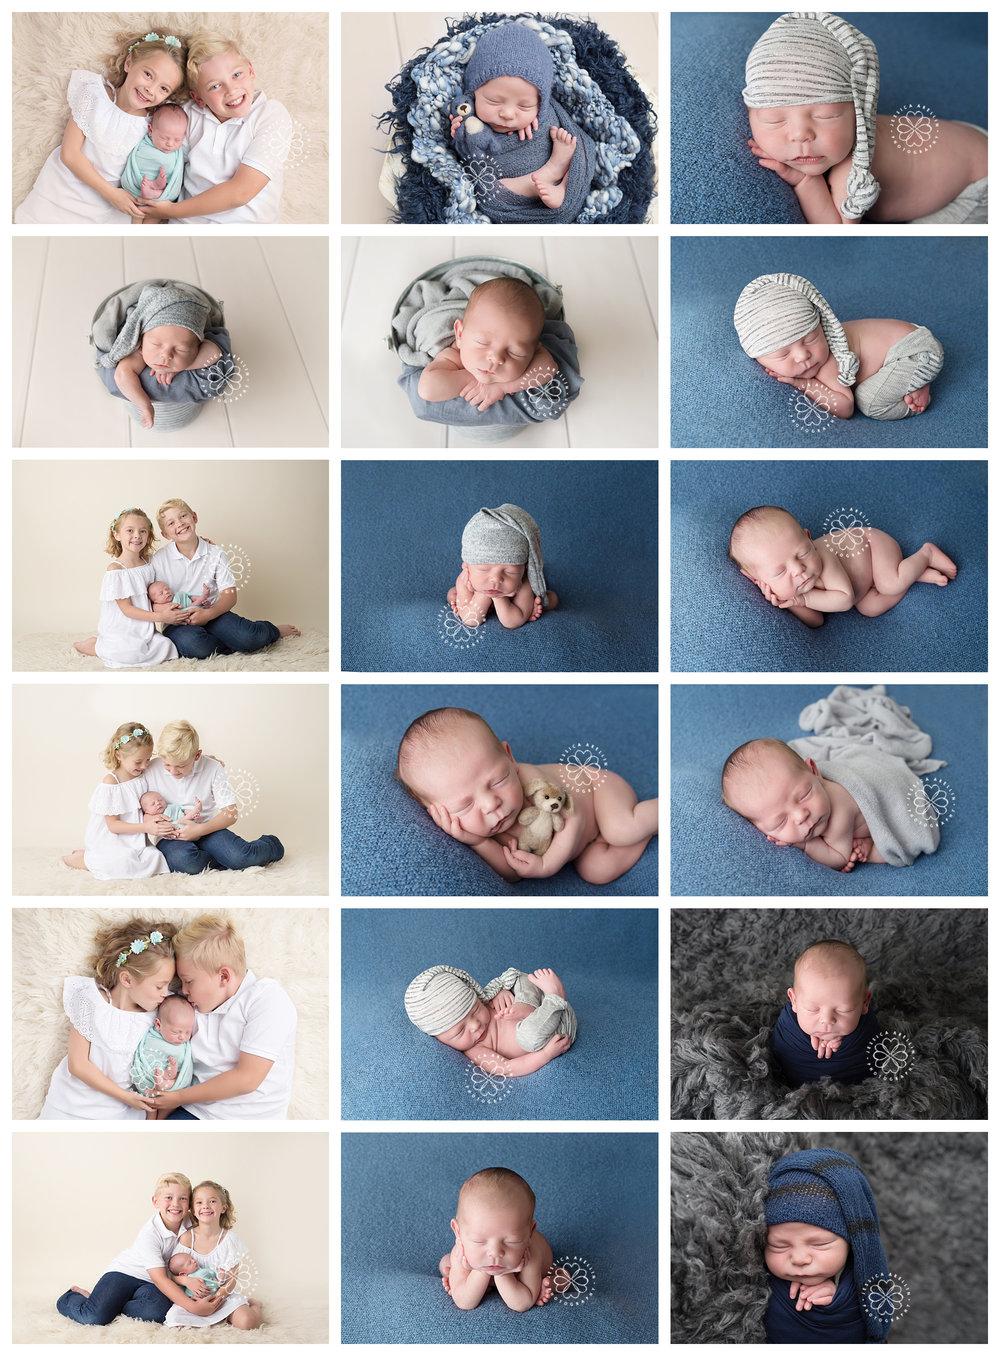 Newborn photography Session Denver Colorado